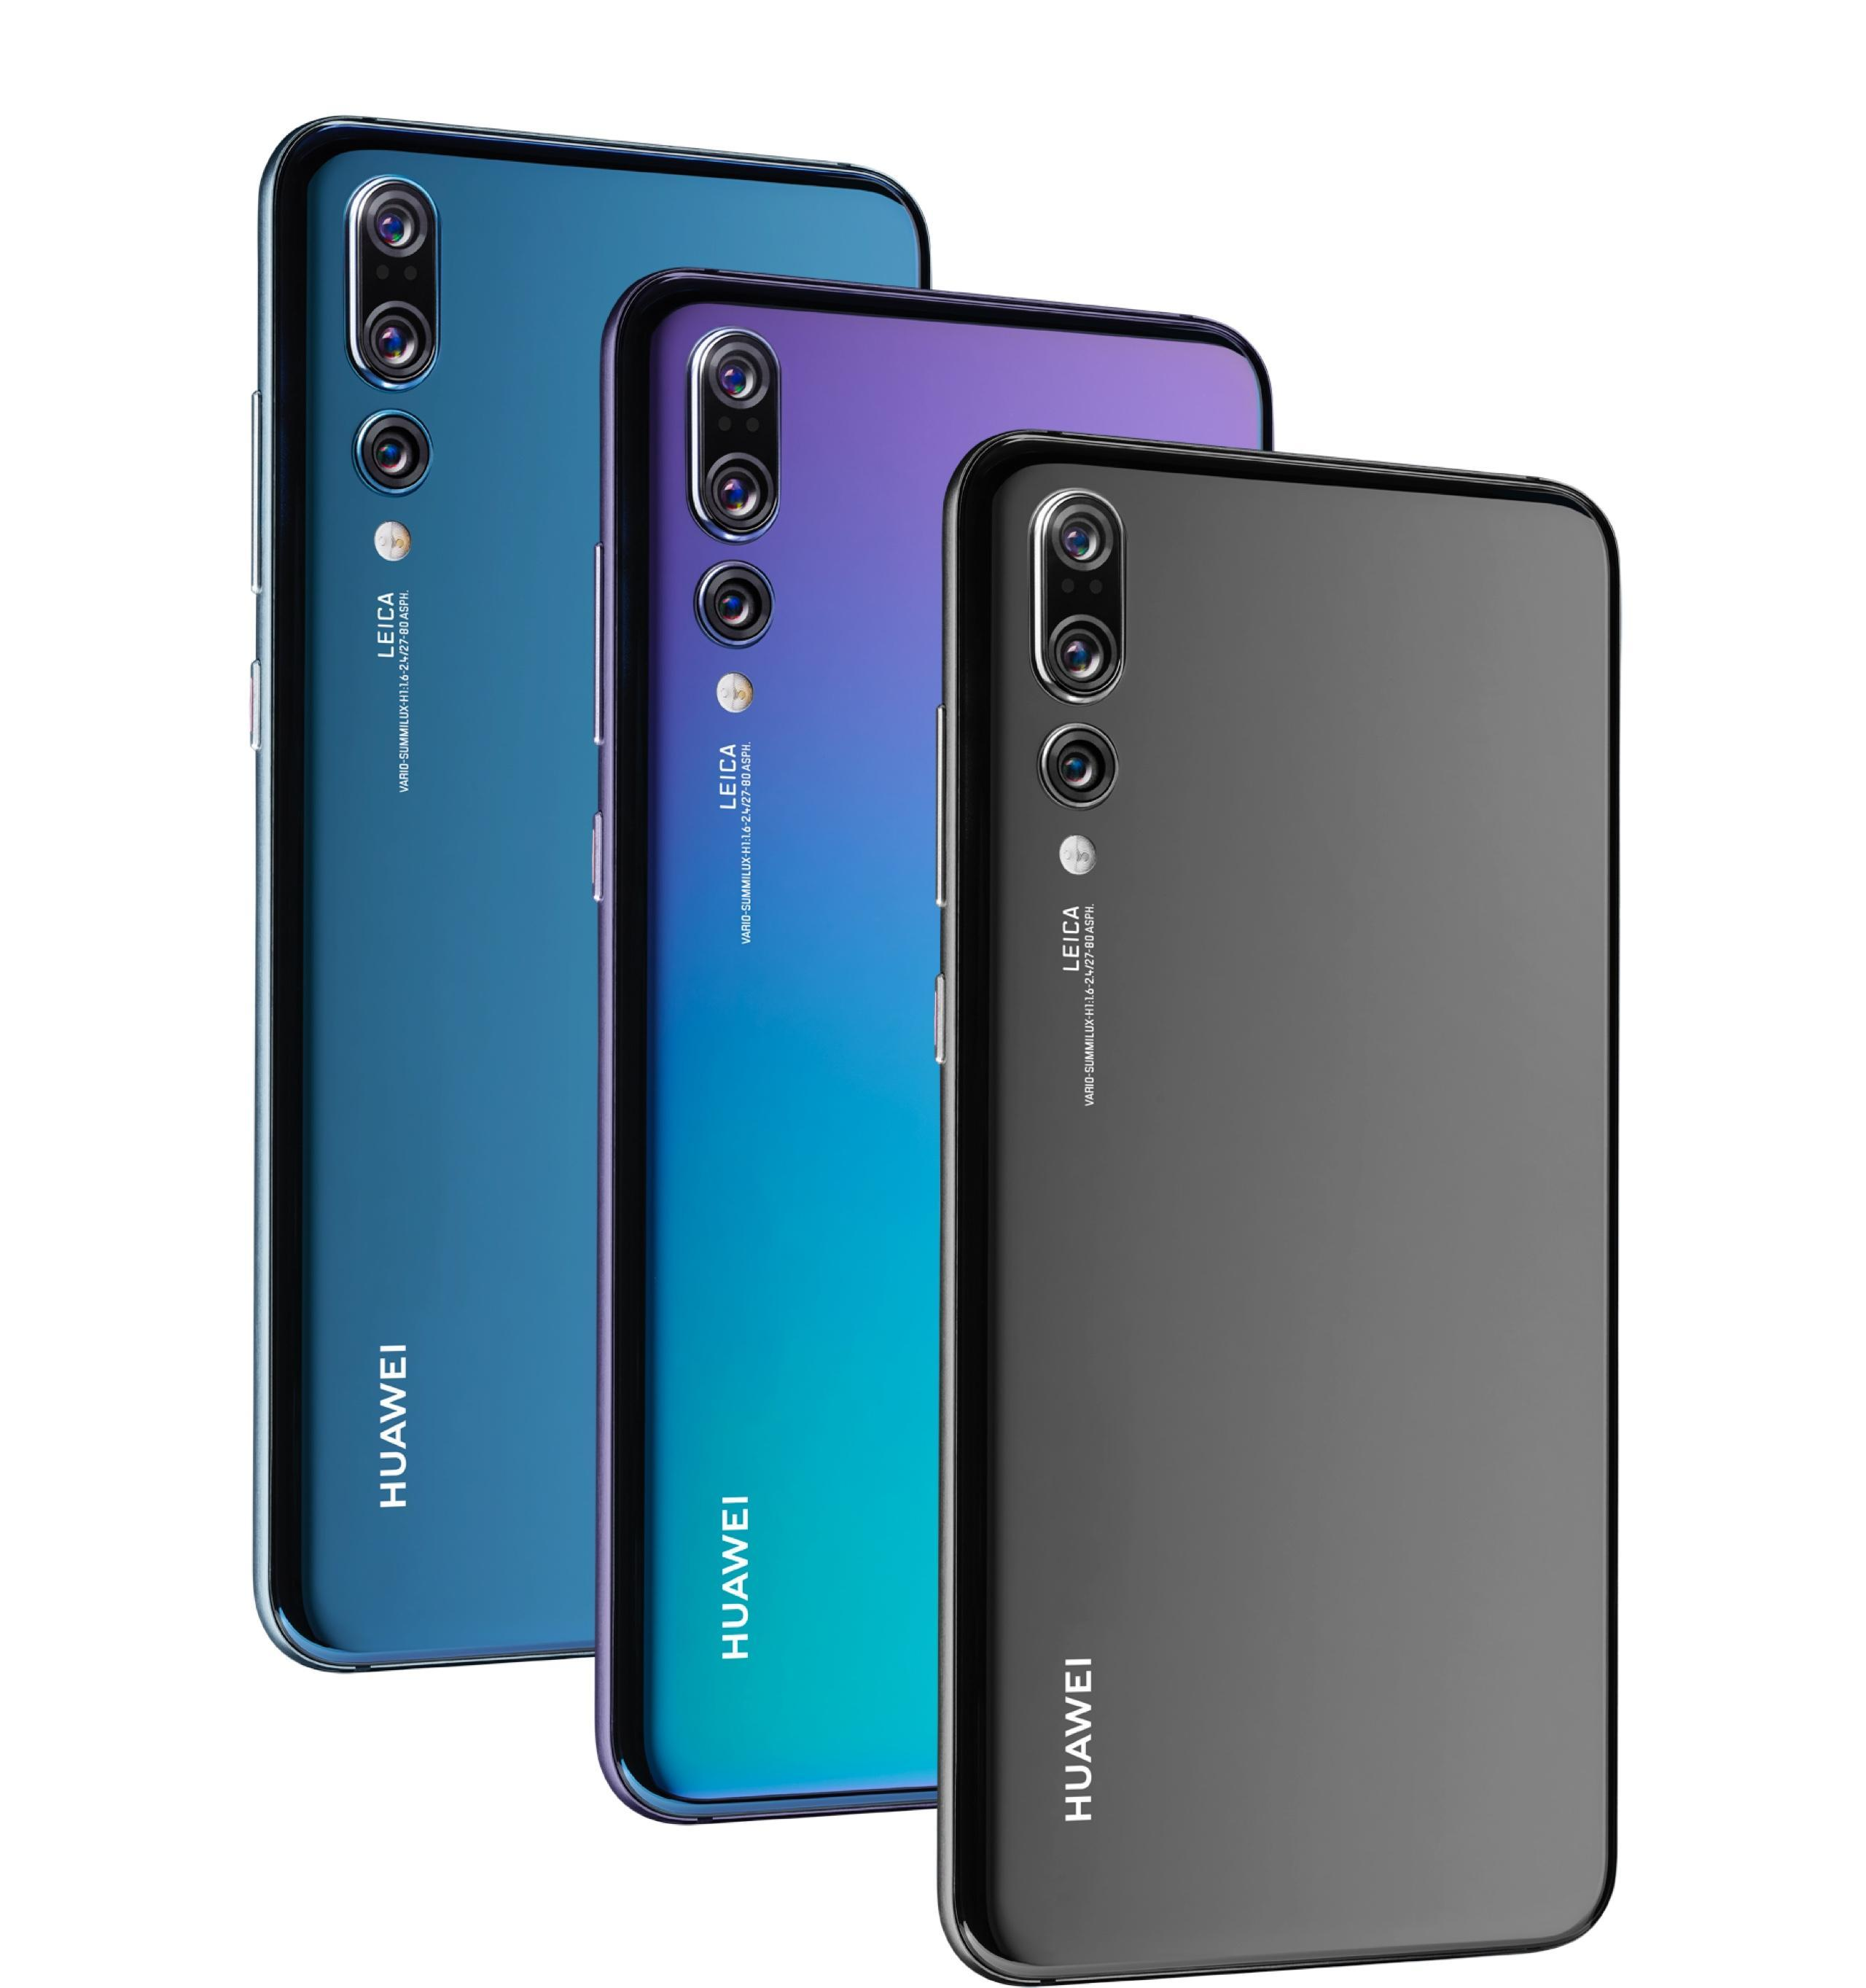 Huawei P20 Pro Gigantti